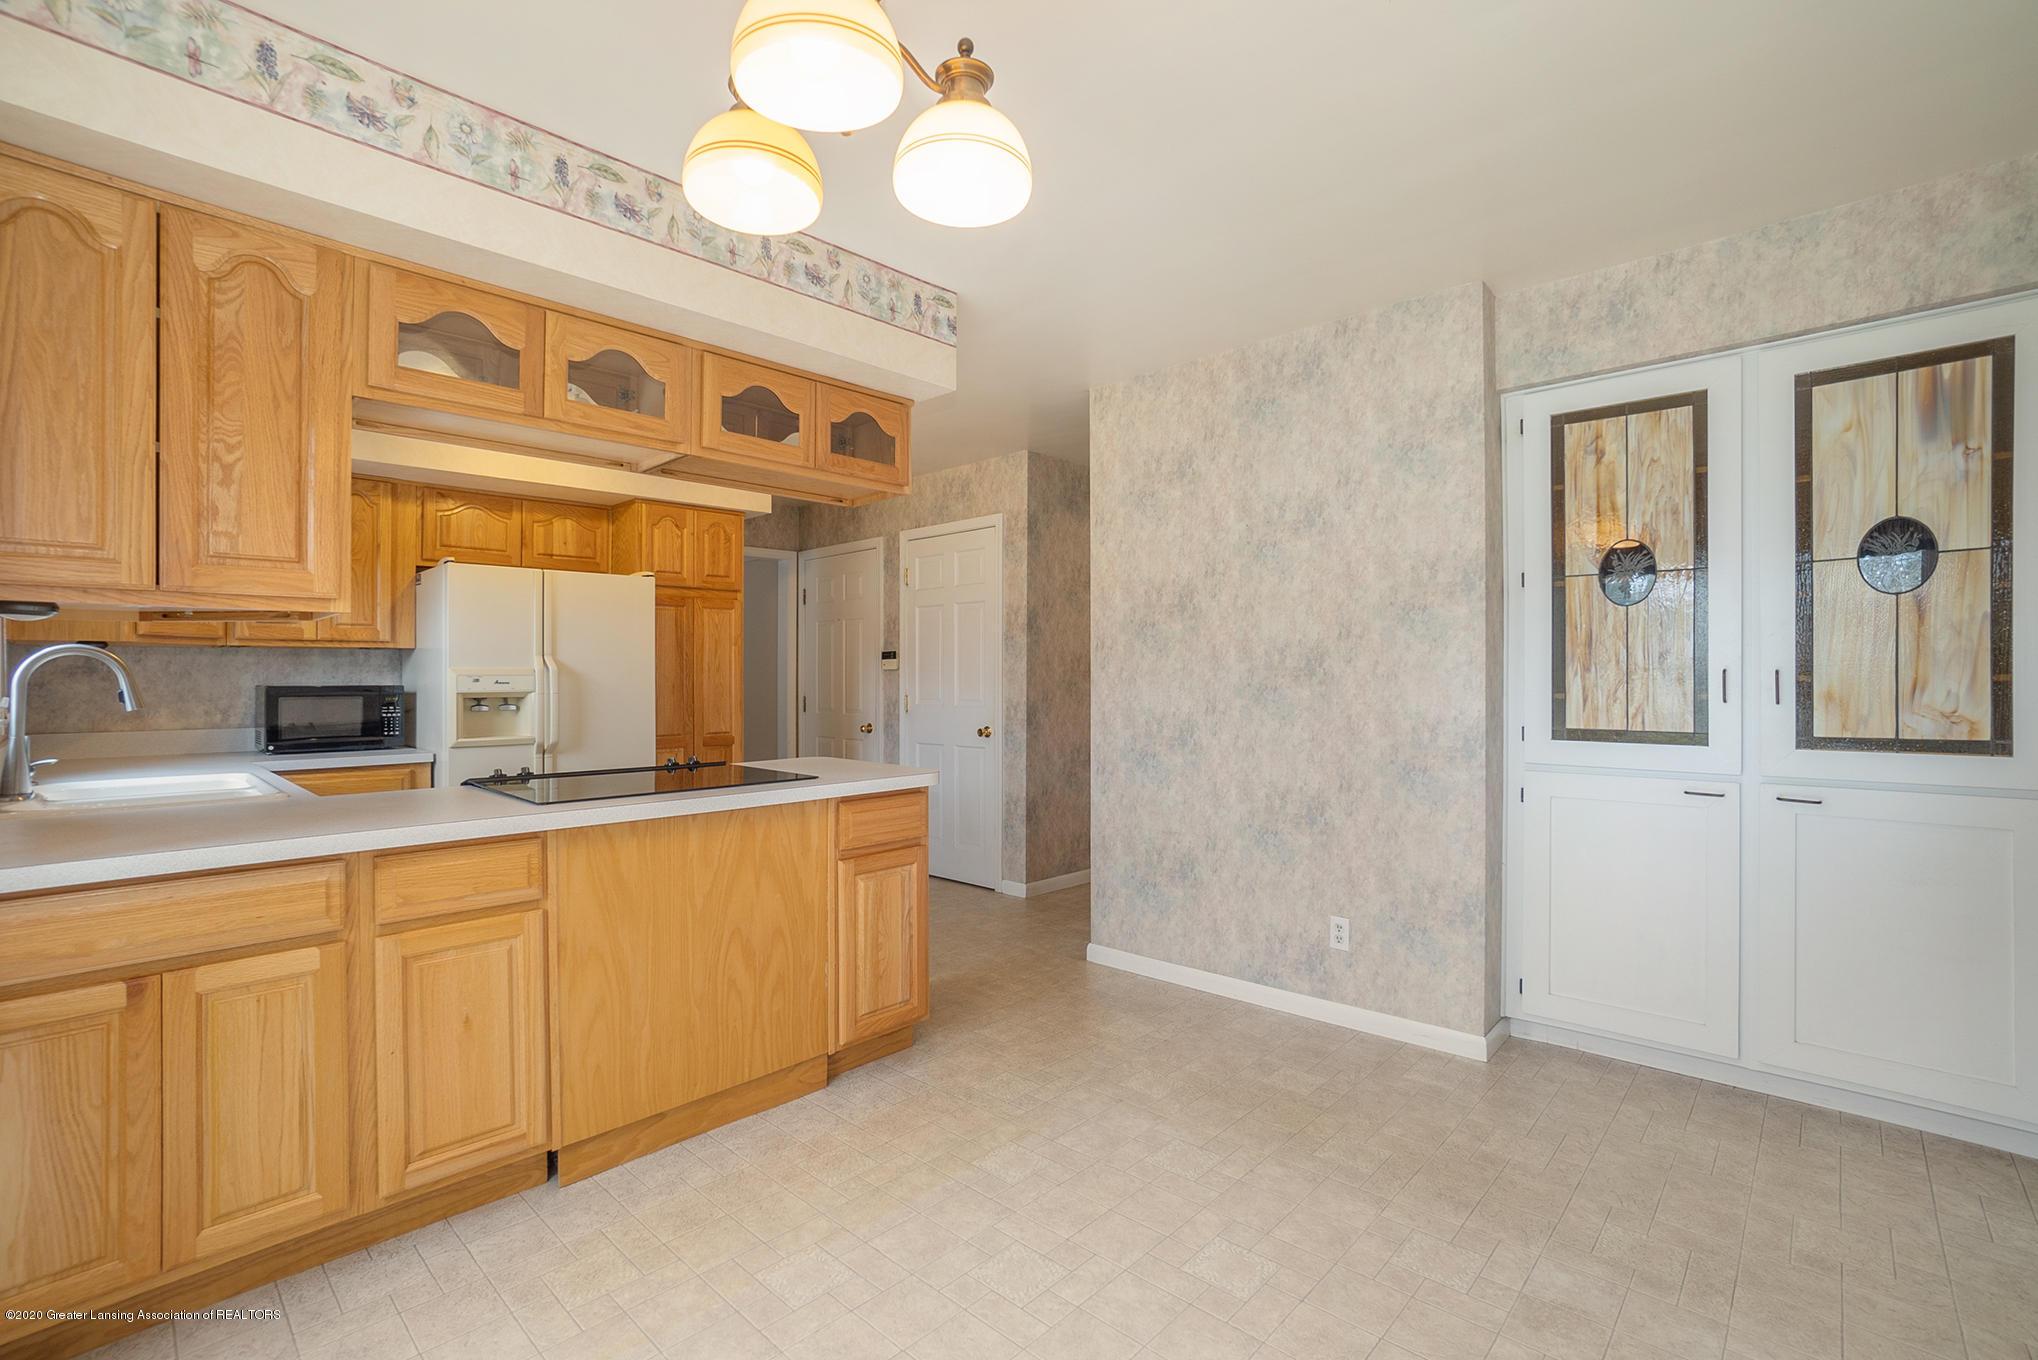 1266 Woodingham Dr - Kitchen - 17